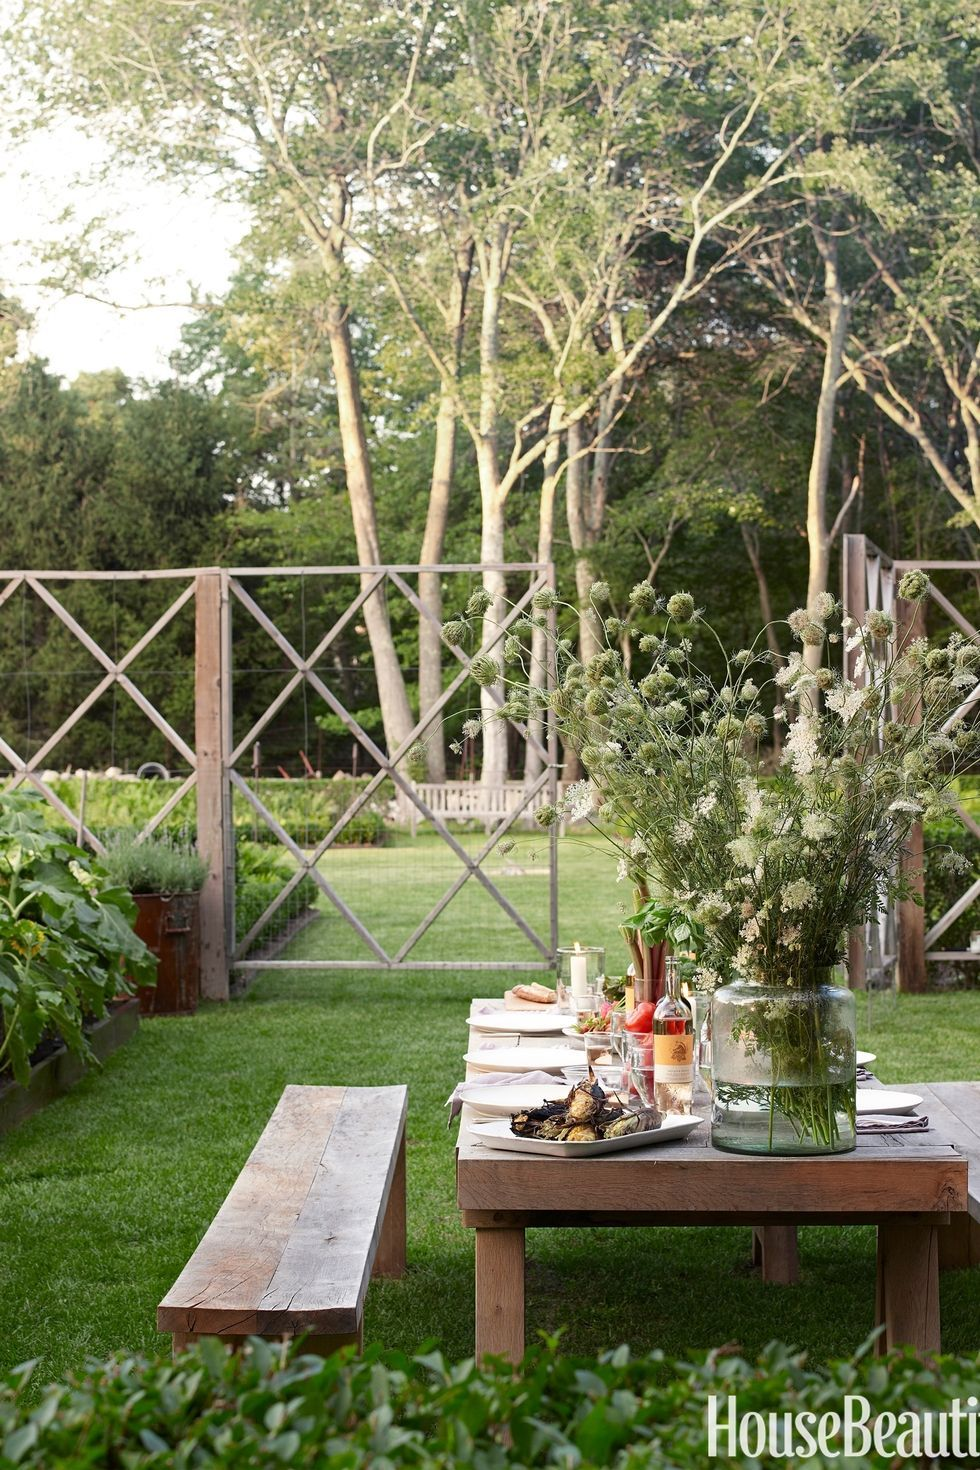 55 Beautiful Landscaping Ideas - Best Backyard Landscape ... on Backyard Dining Area Ideas id=93954